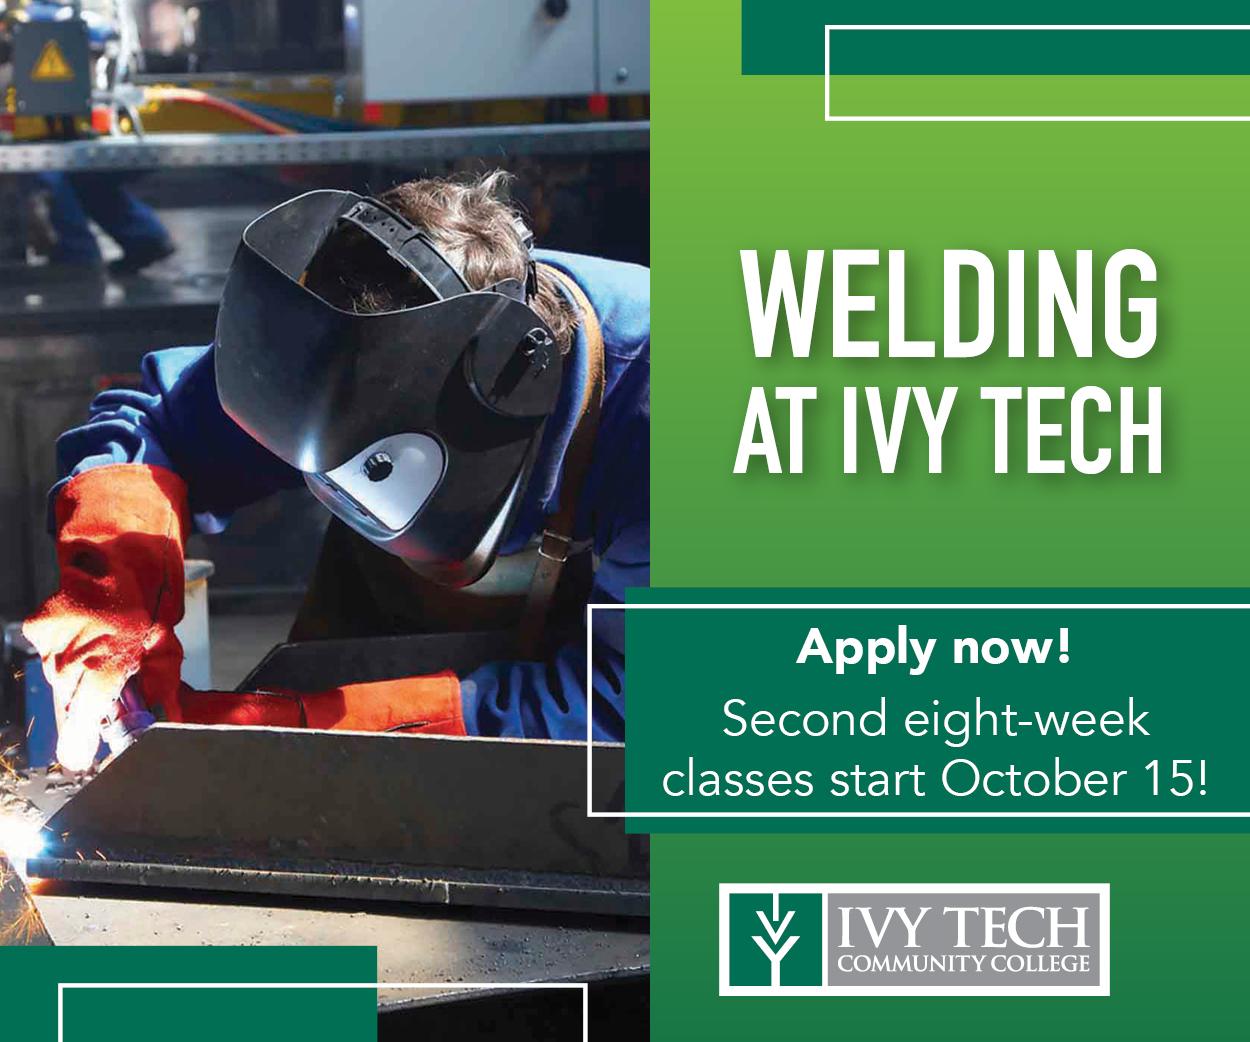 Ivy Tech - Welding